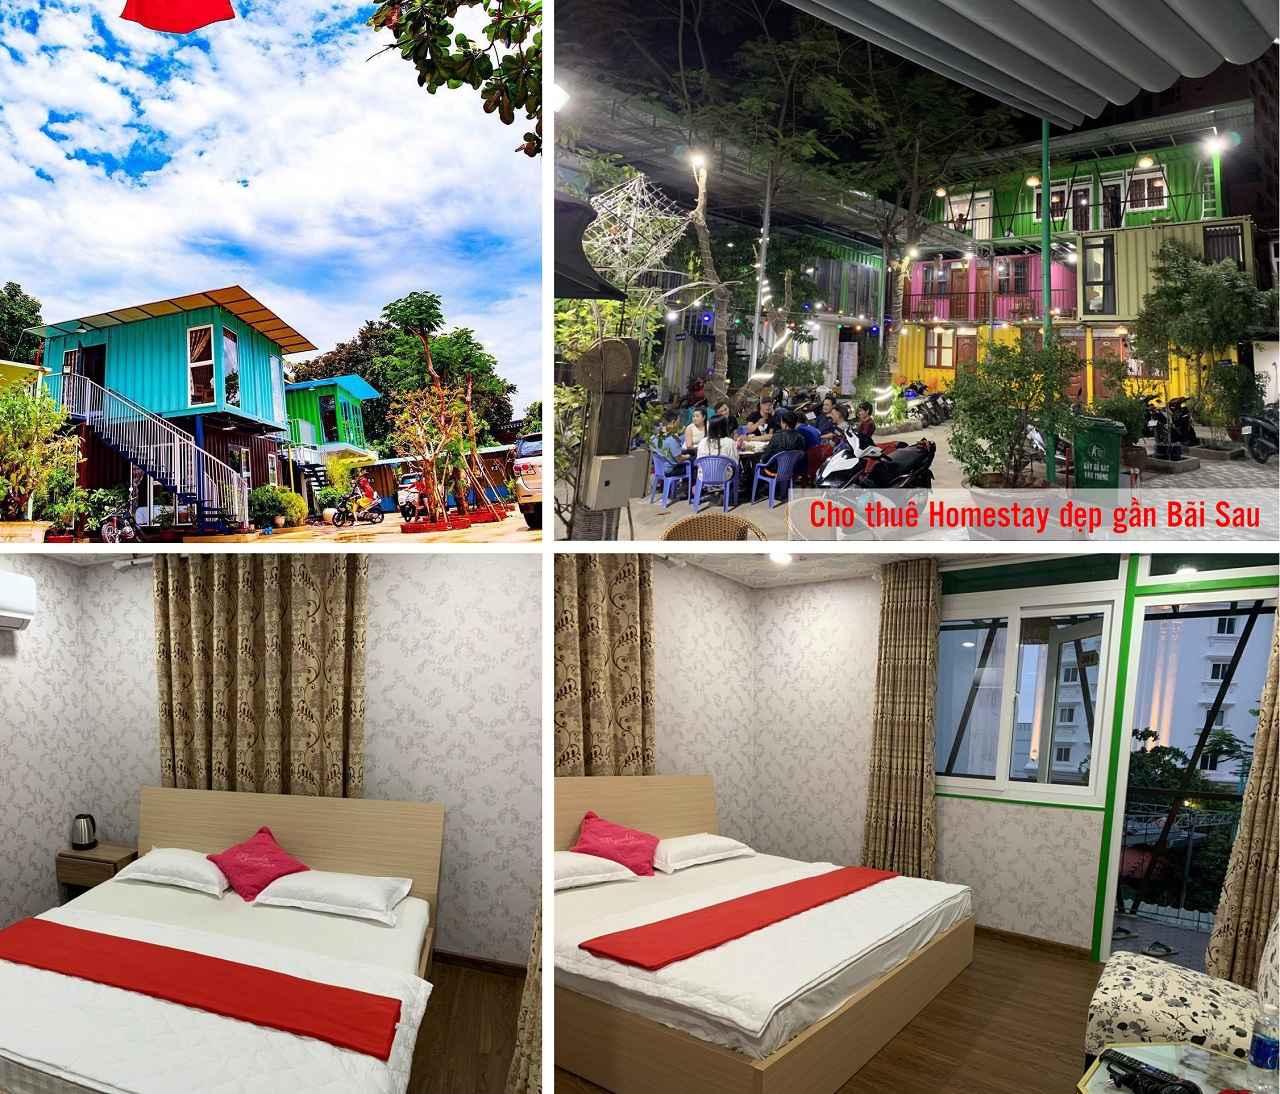 Cho thuê Homestay view đẹp Vũng Tàu